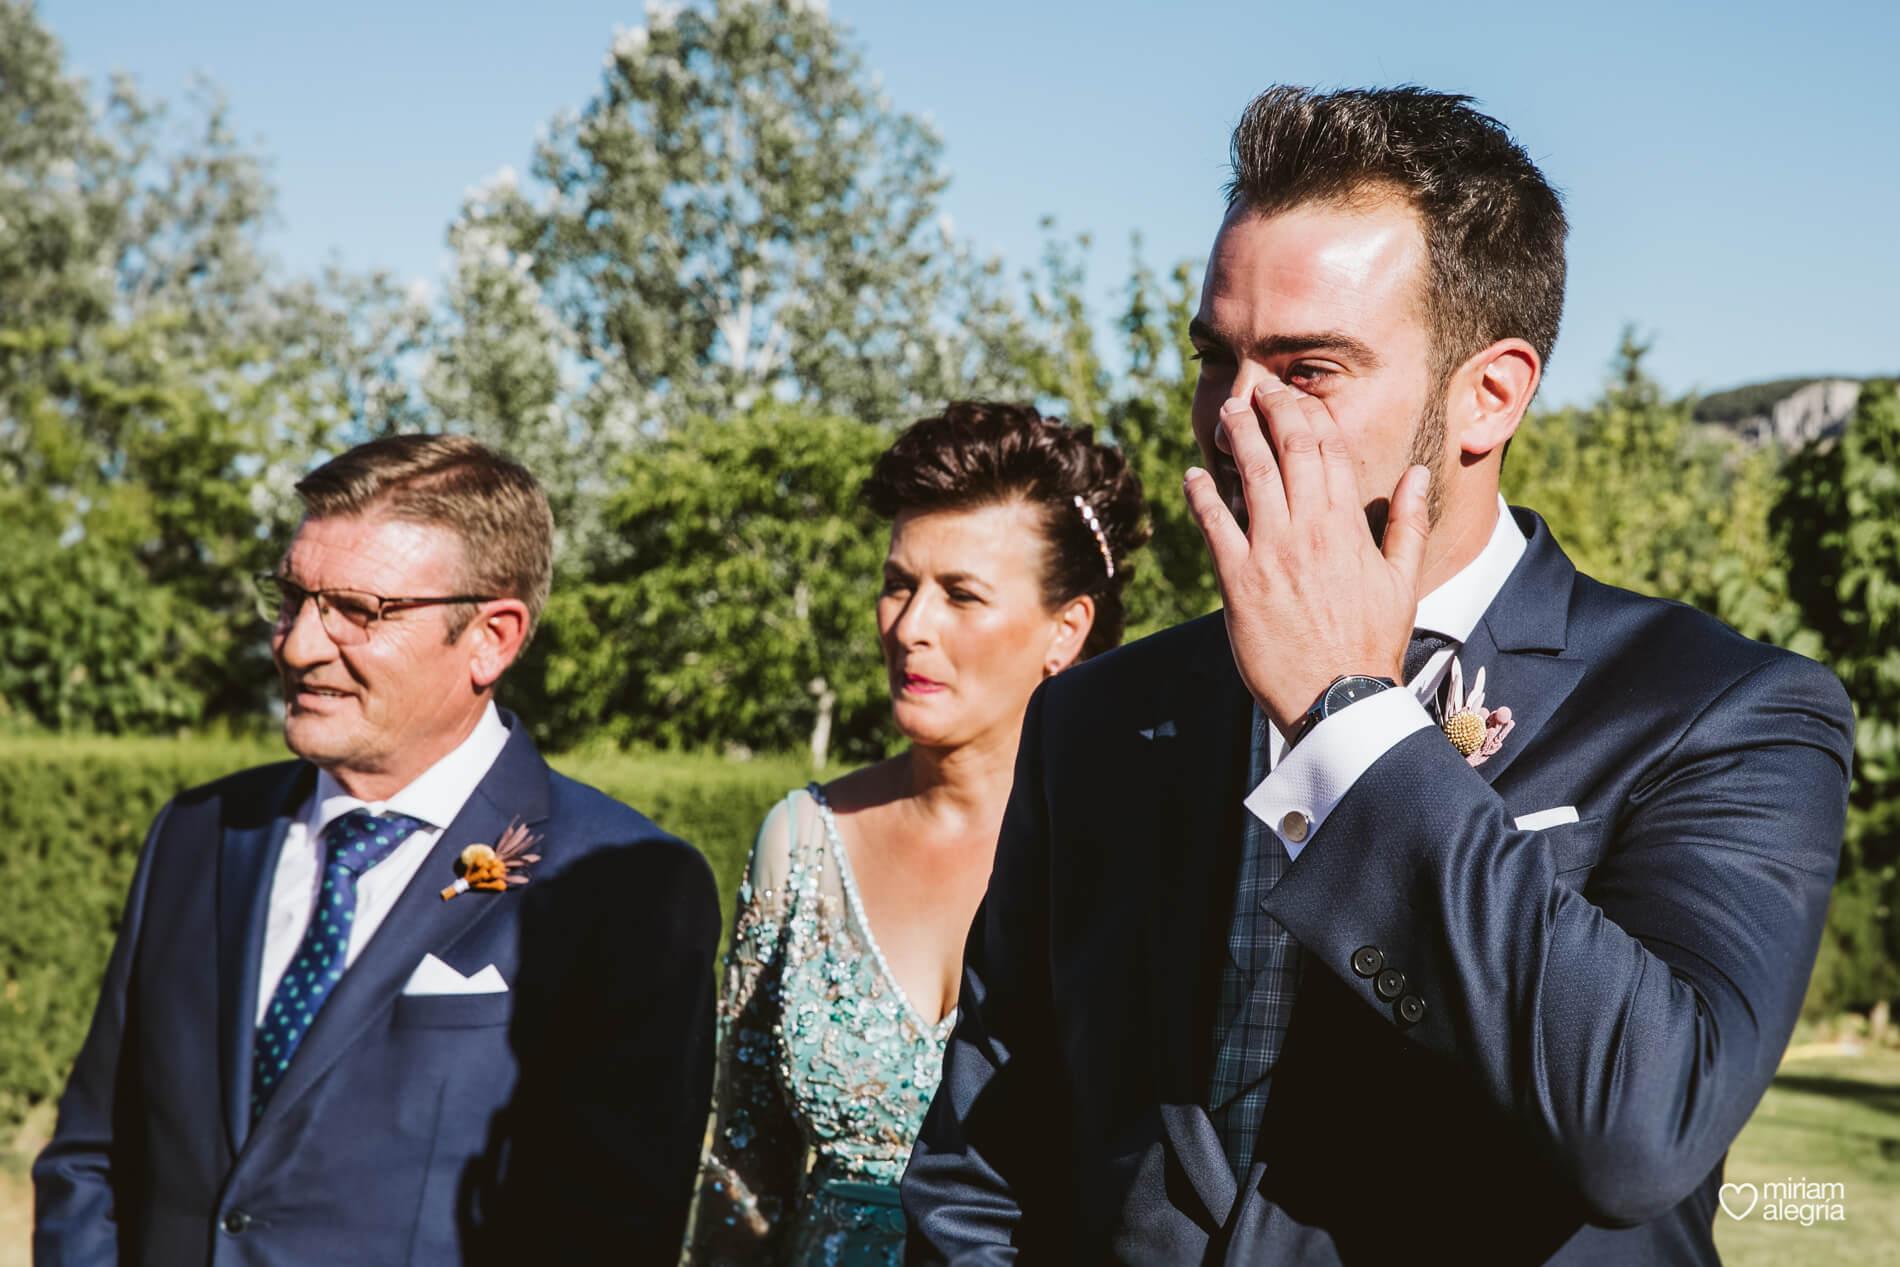 boda-en-collados-miriam-alegria-cayetana-ferrer-41